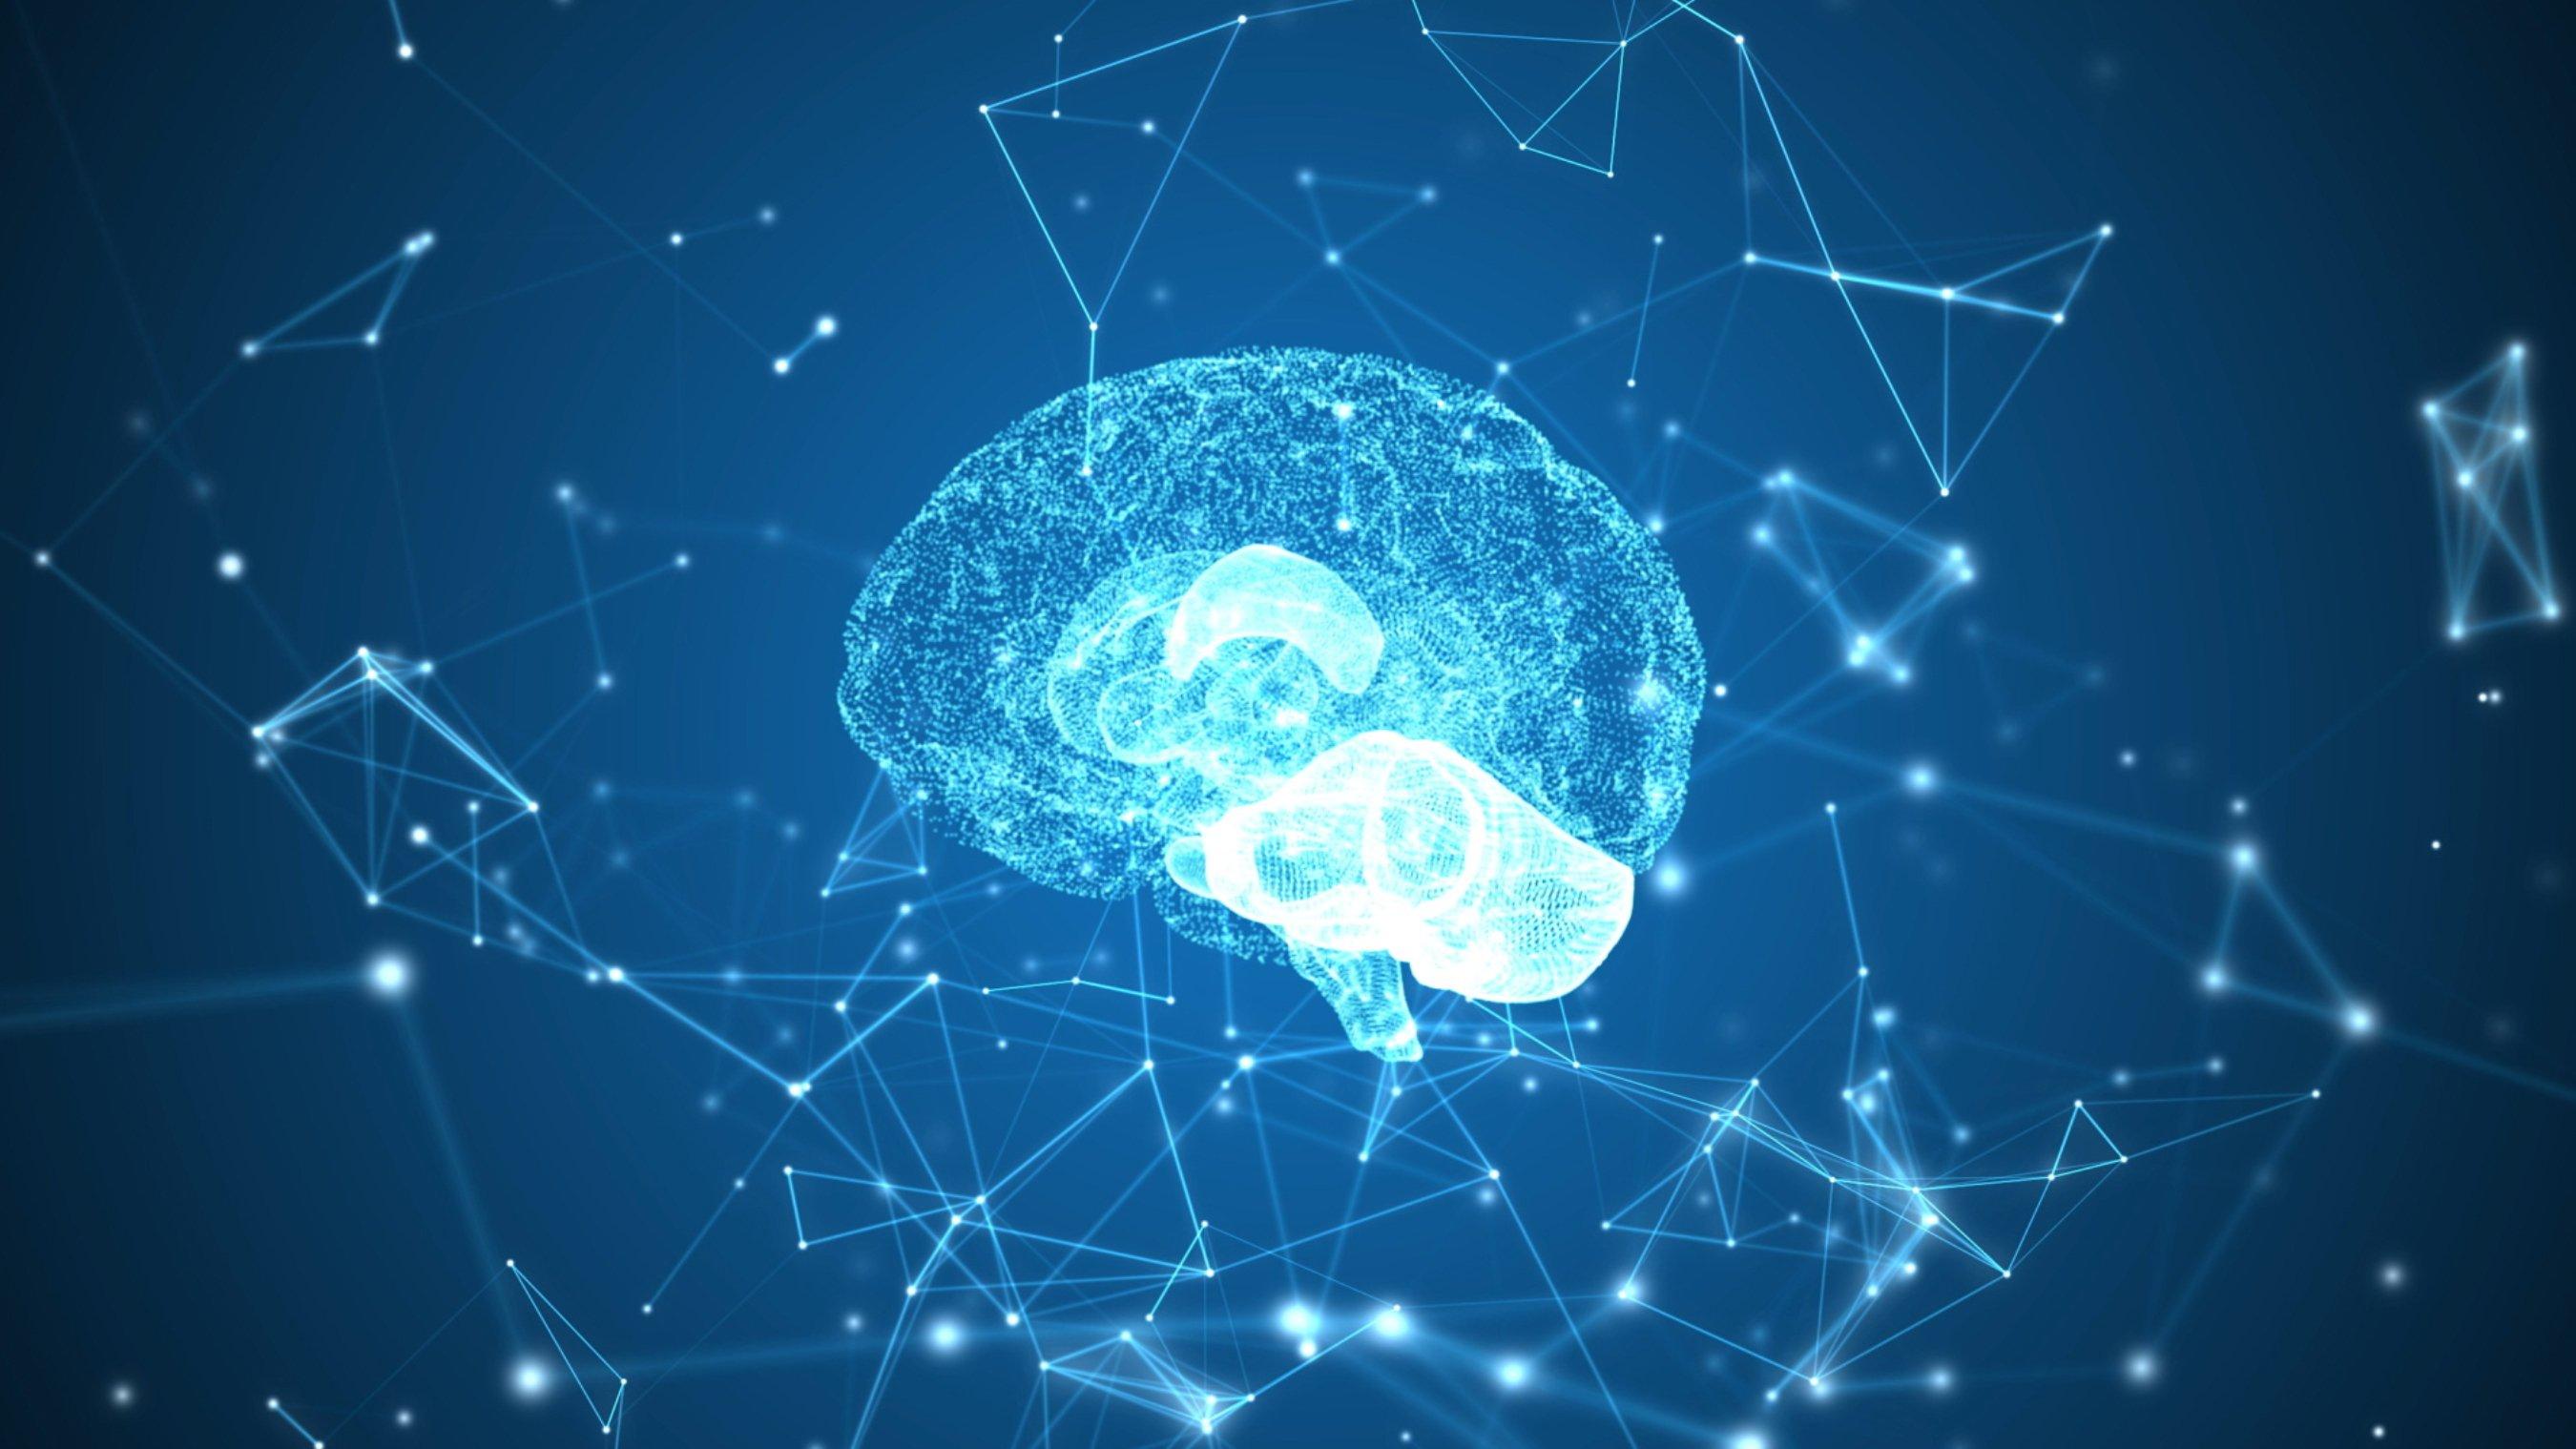 La neurociencia se empeña en que el aparato neurológico y el cerebro constituyen el alma de la persona